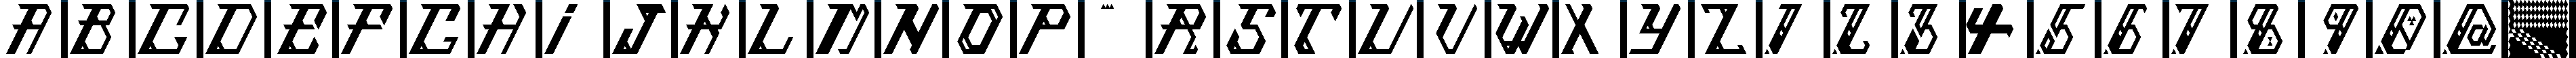 Particip-a-type v.304